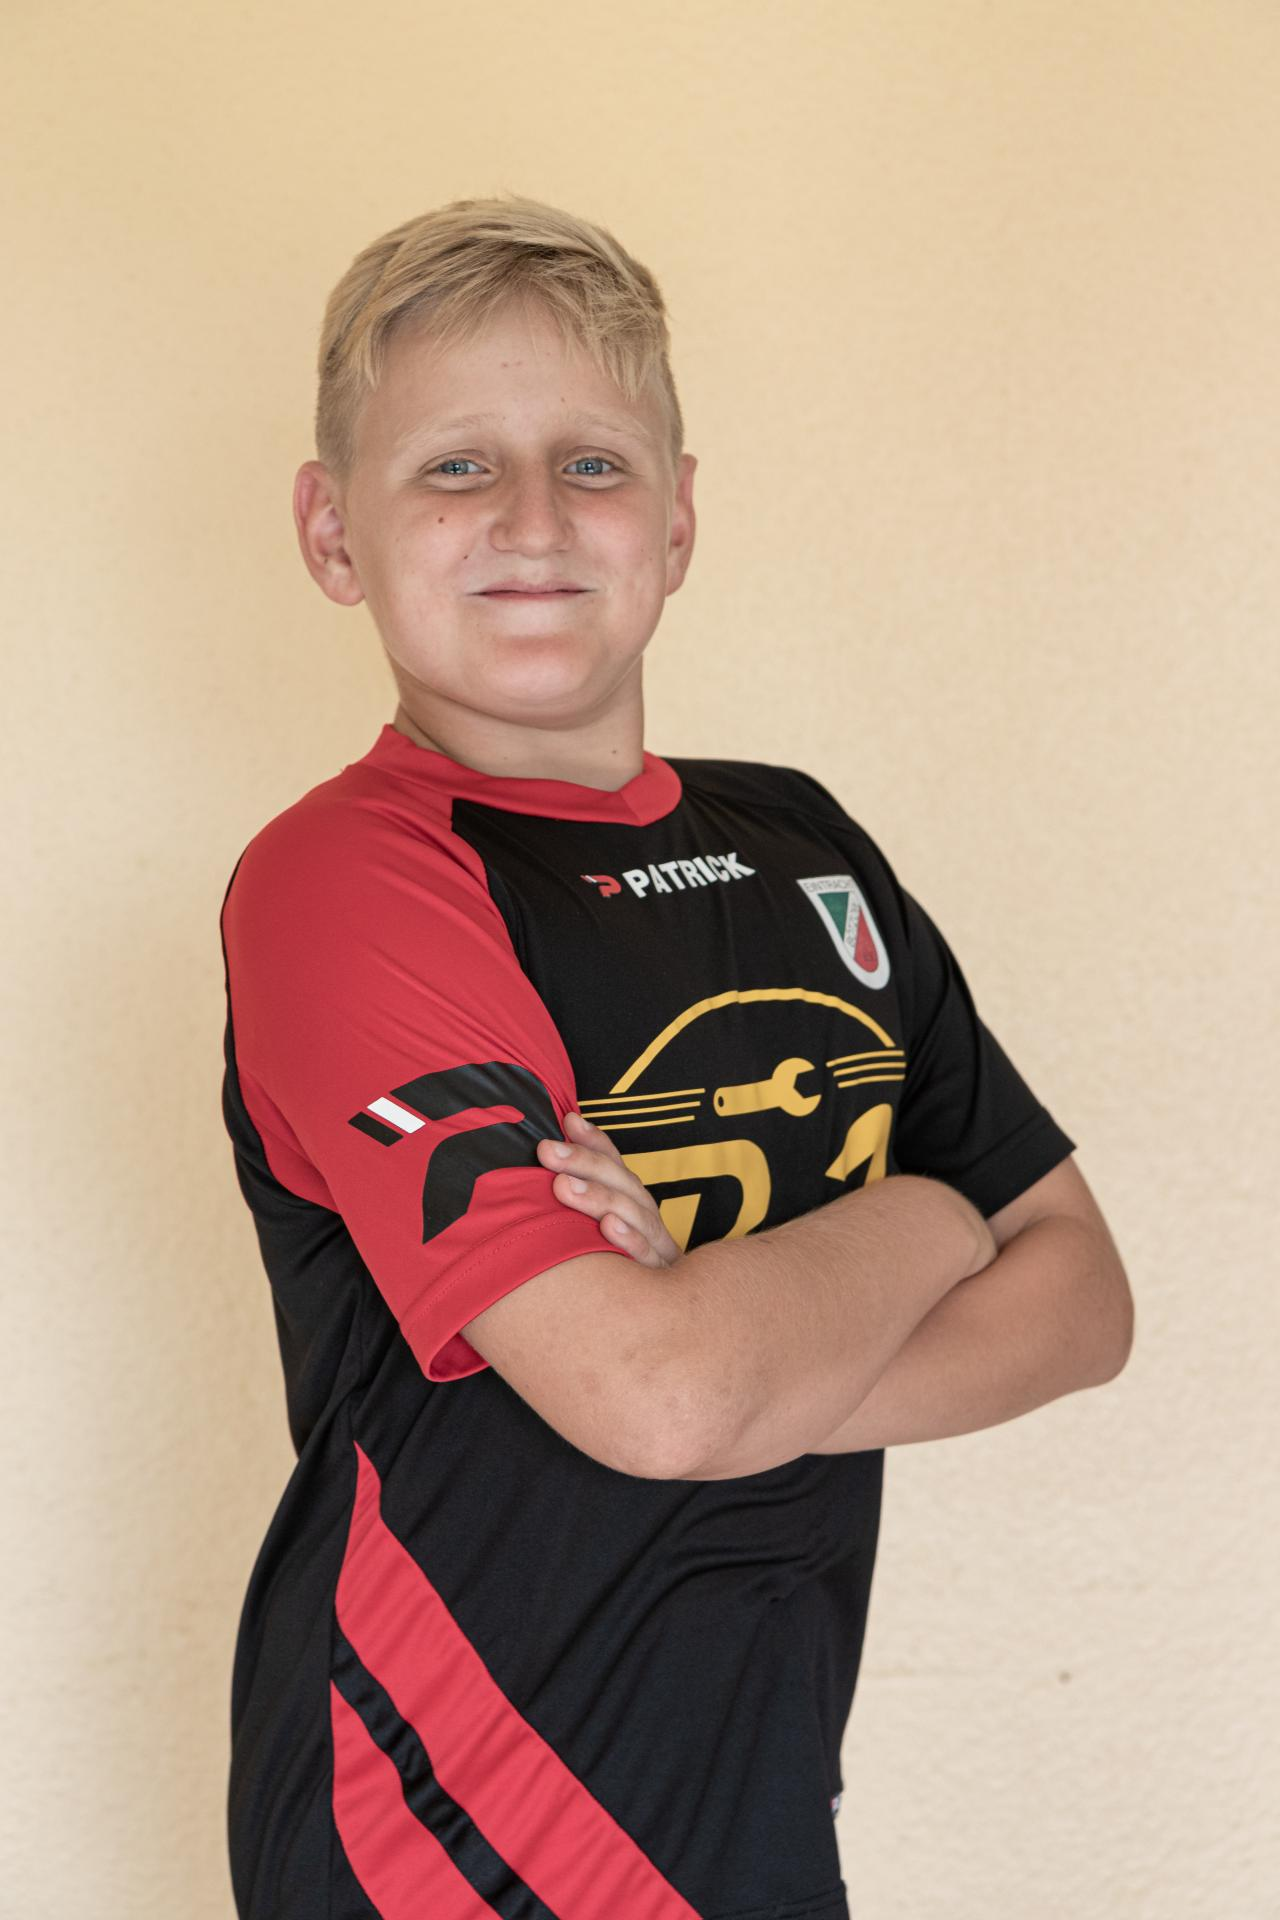 Fabian Sauder